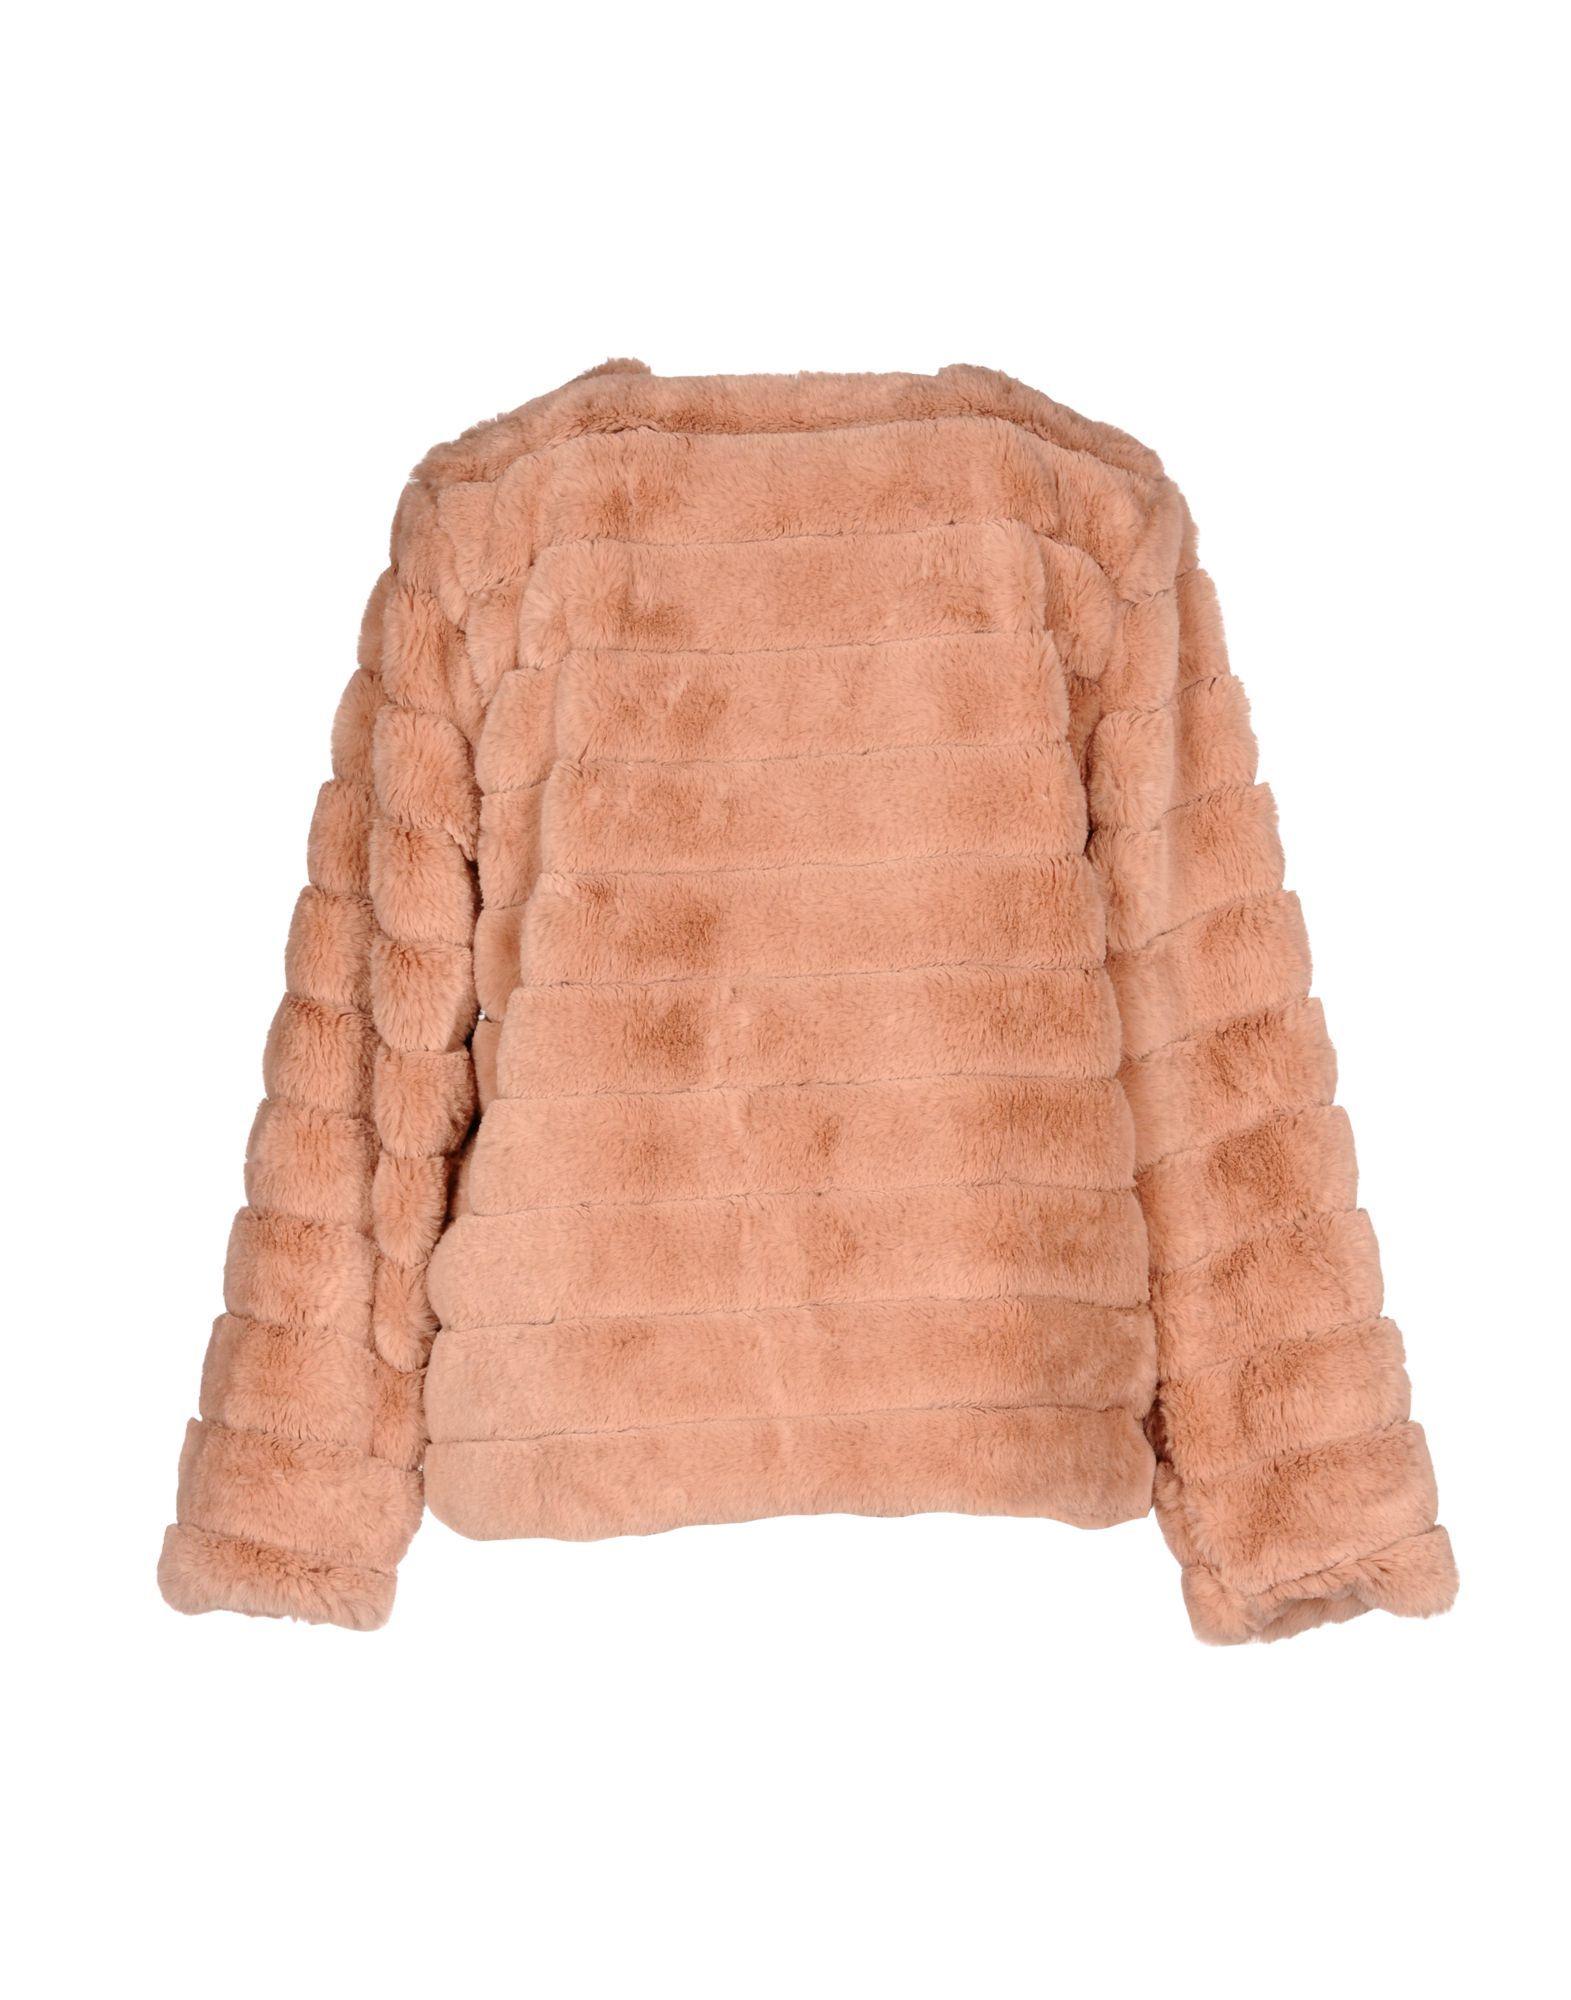 Kaos Jeans Pale Pink Faux Fur Jacket